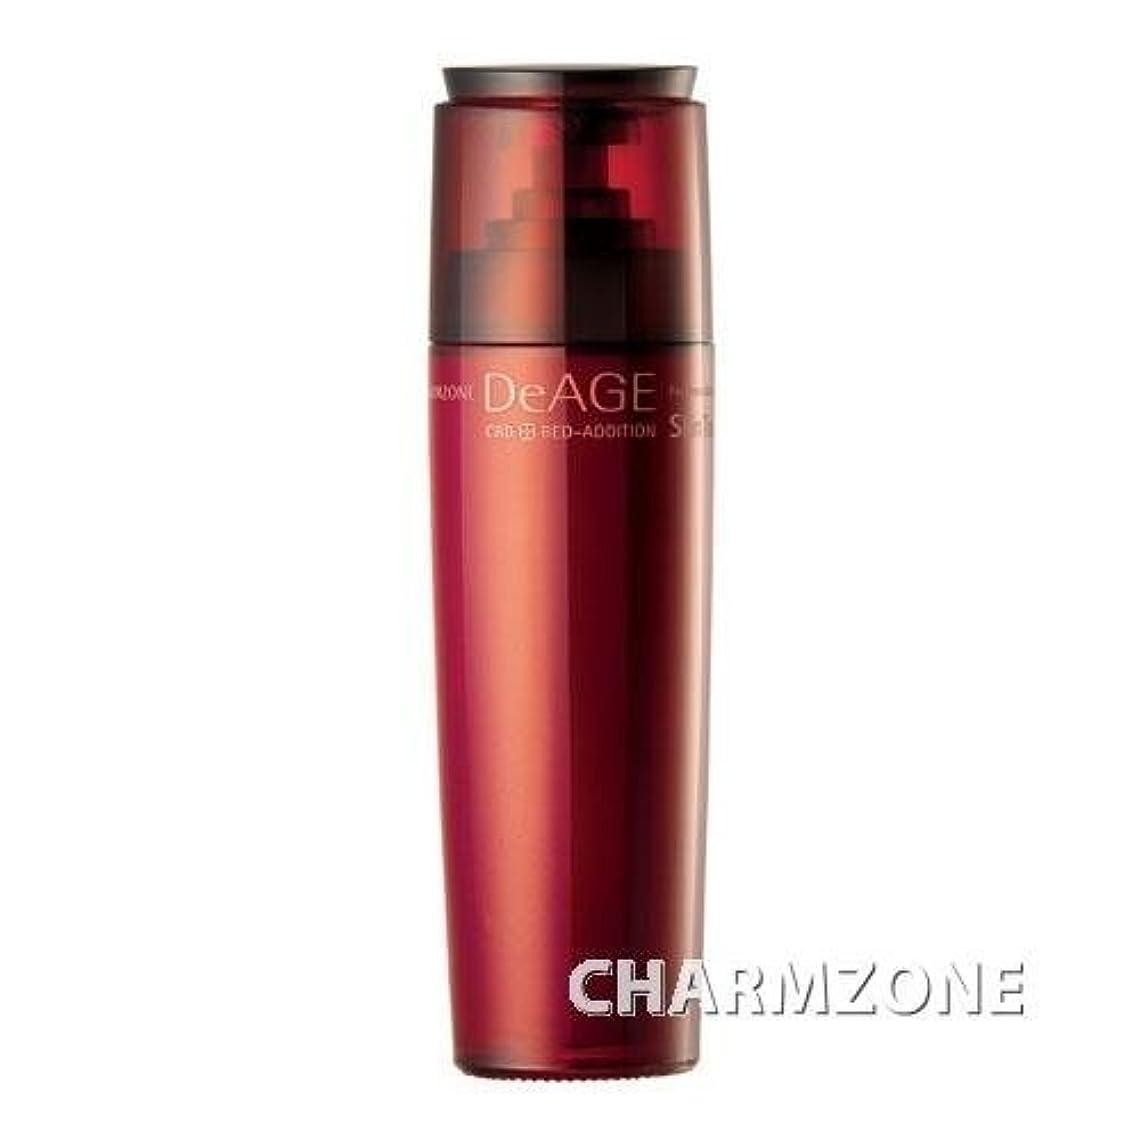 逆故意に近似CHARMZONE DeAGE RED-ADDITION Skin Toner [Korean Import]